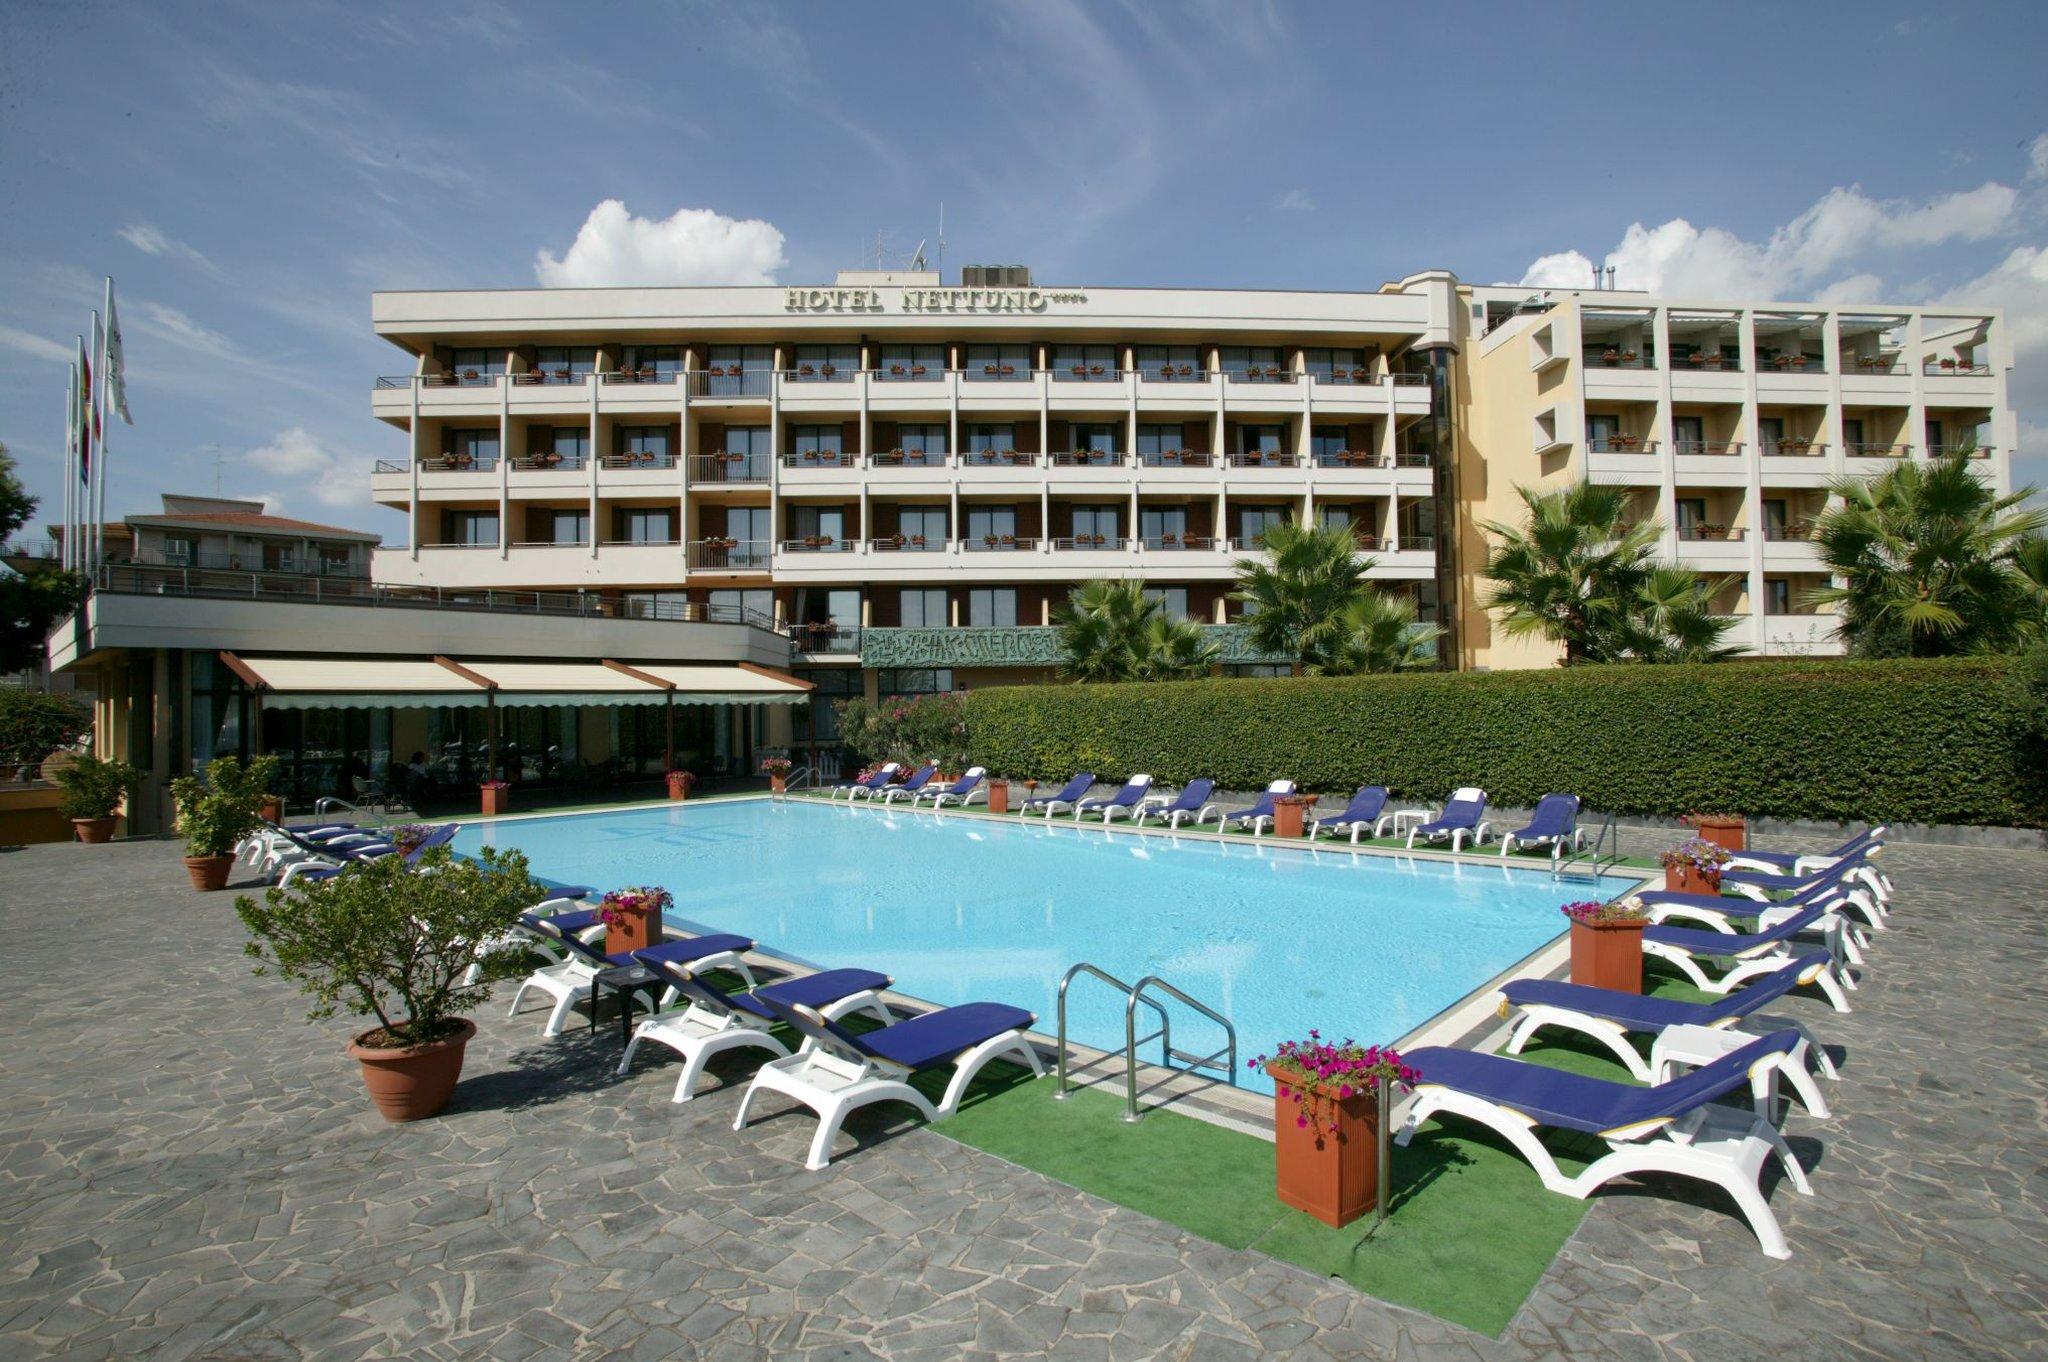 Offerte offerte last minute a catania offerte di vacanze lowcost - Hotel con piscina catania ...